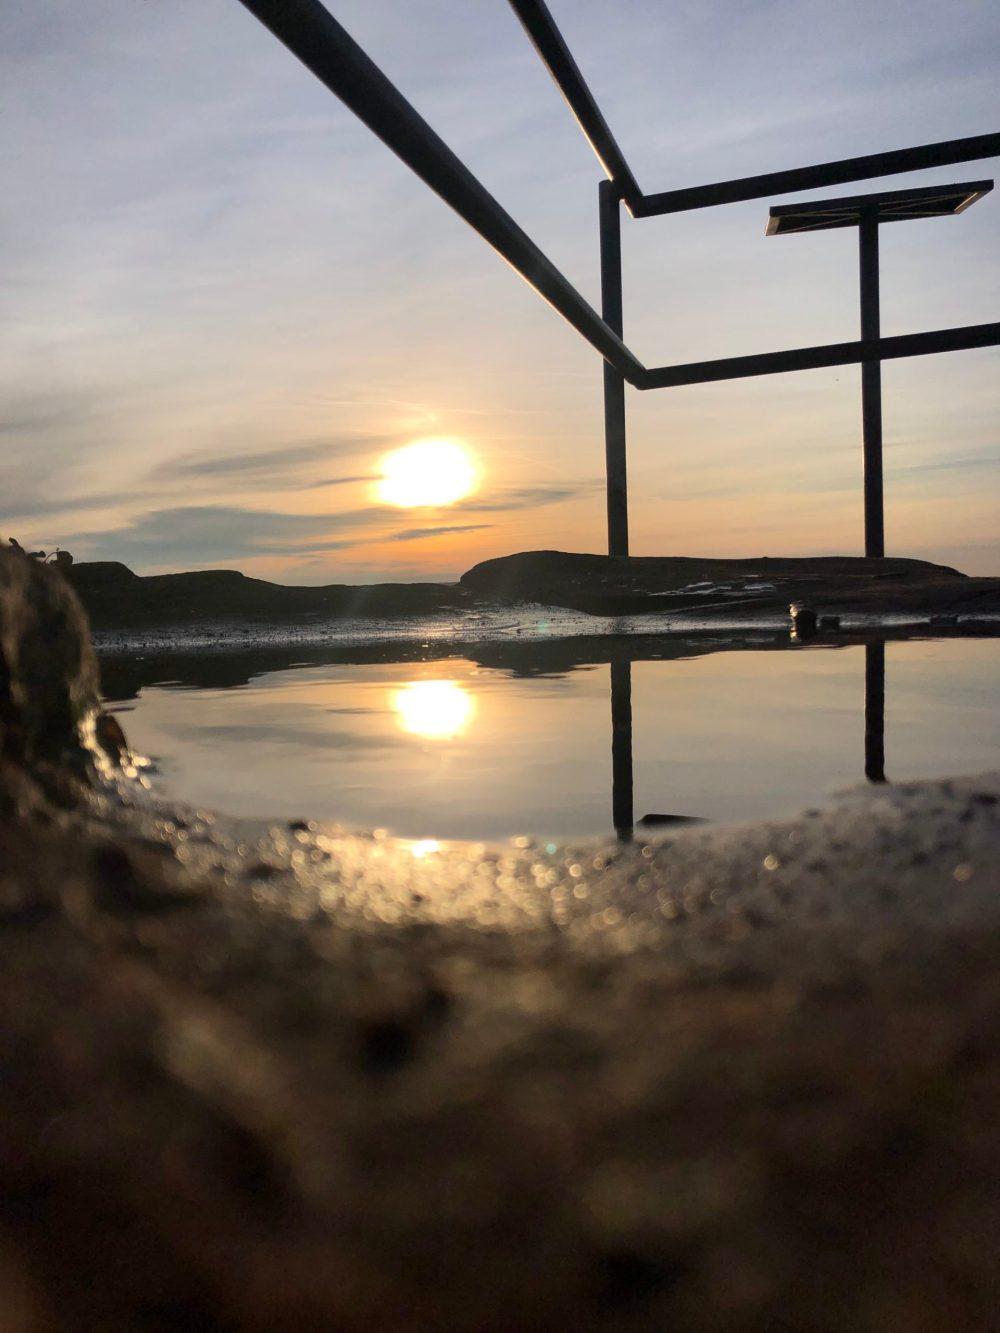 Wasser in der sich die Sonne spiegelt